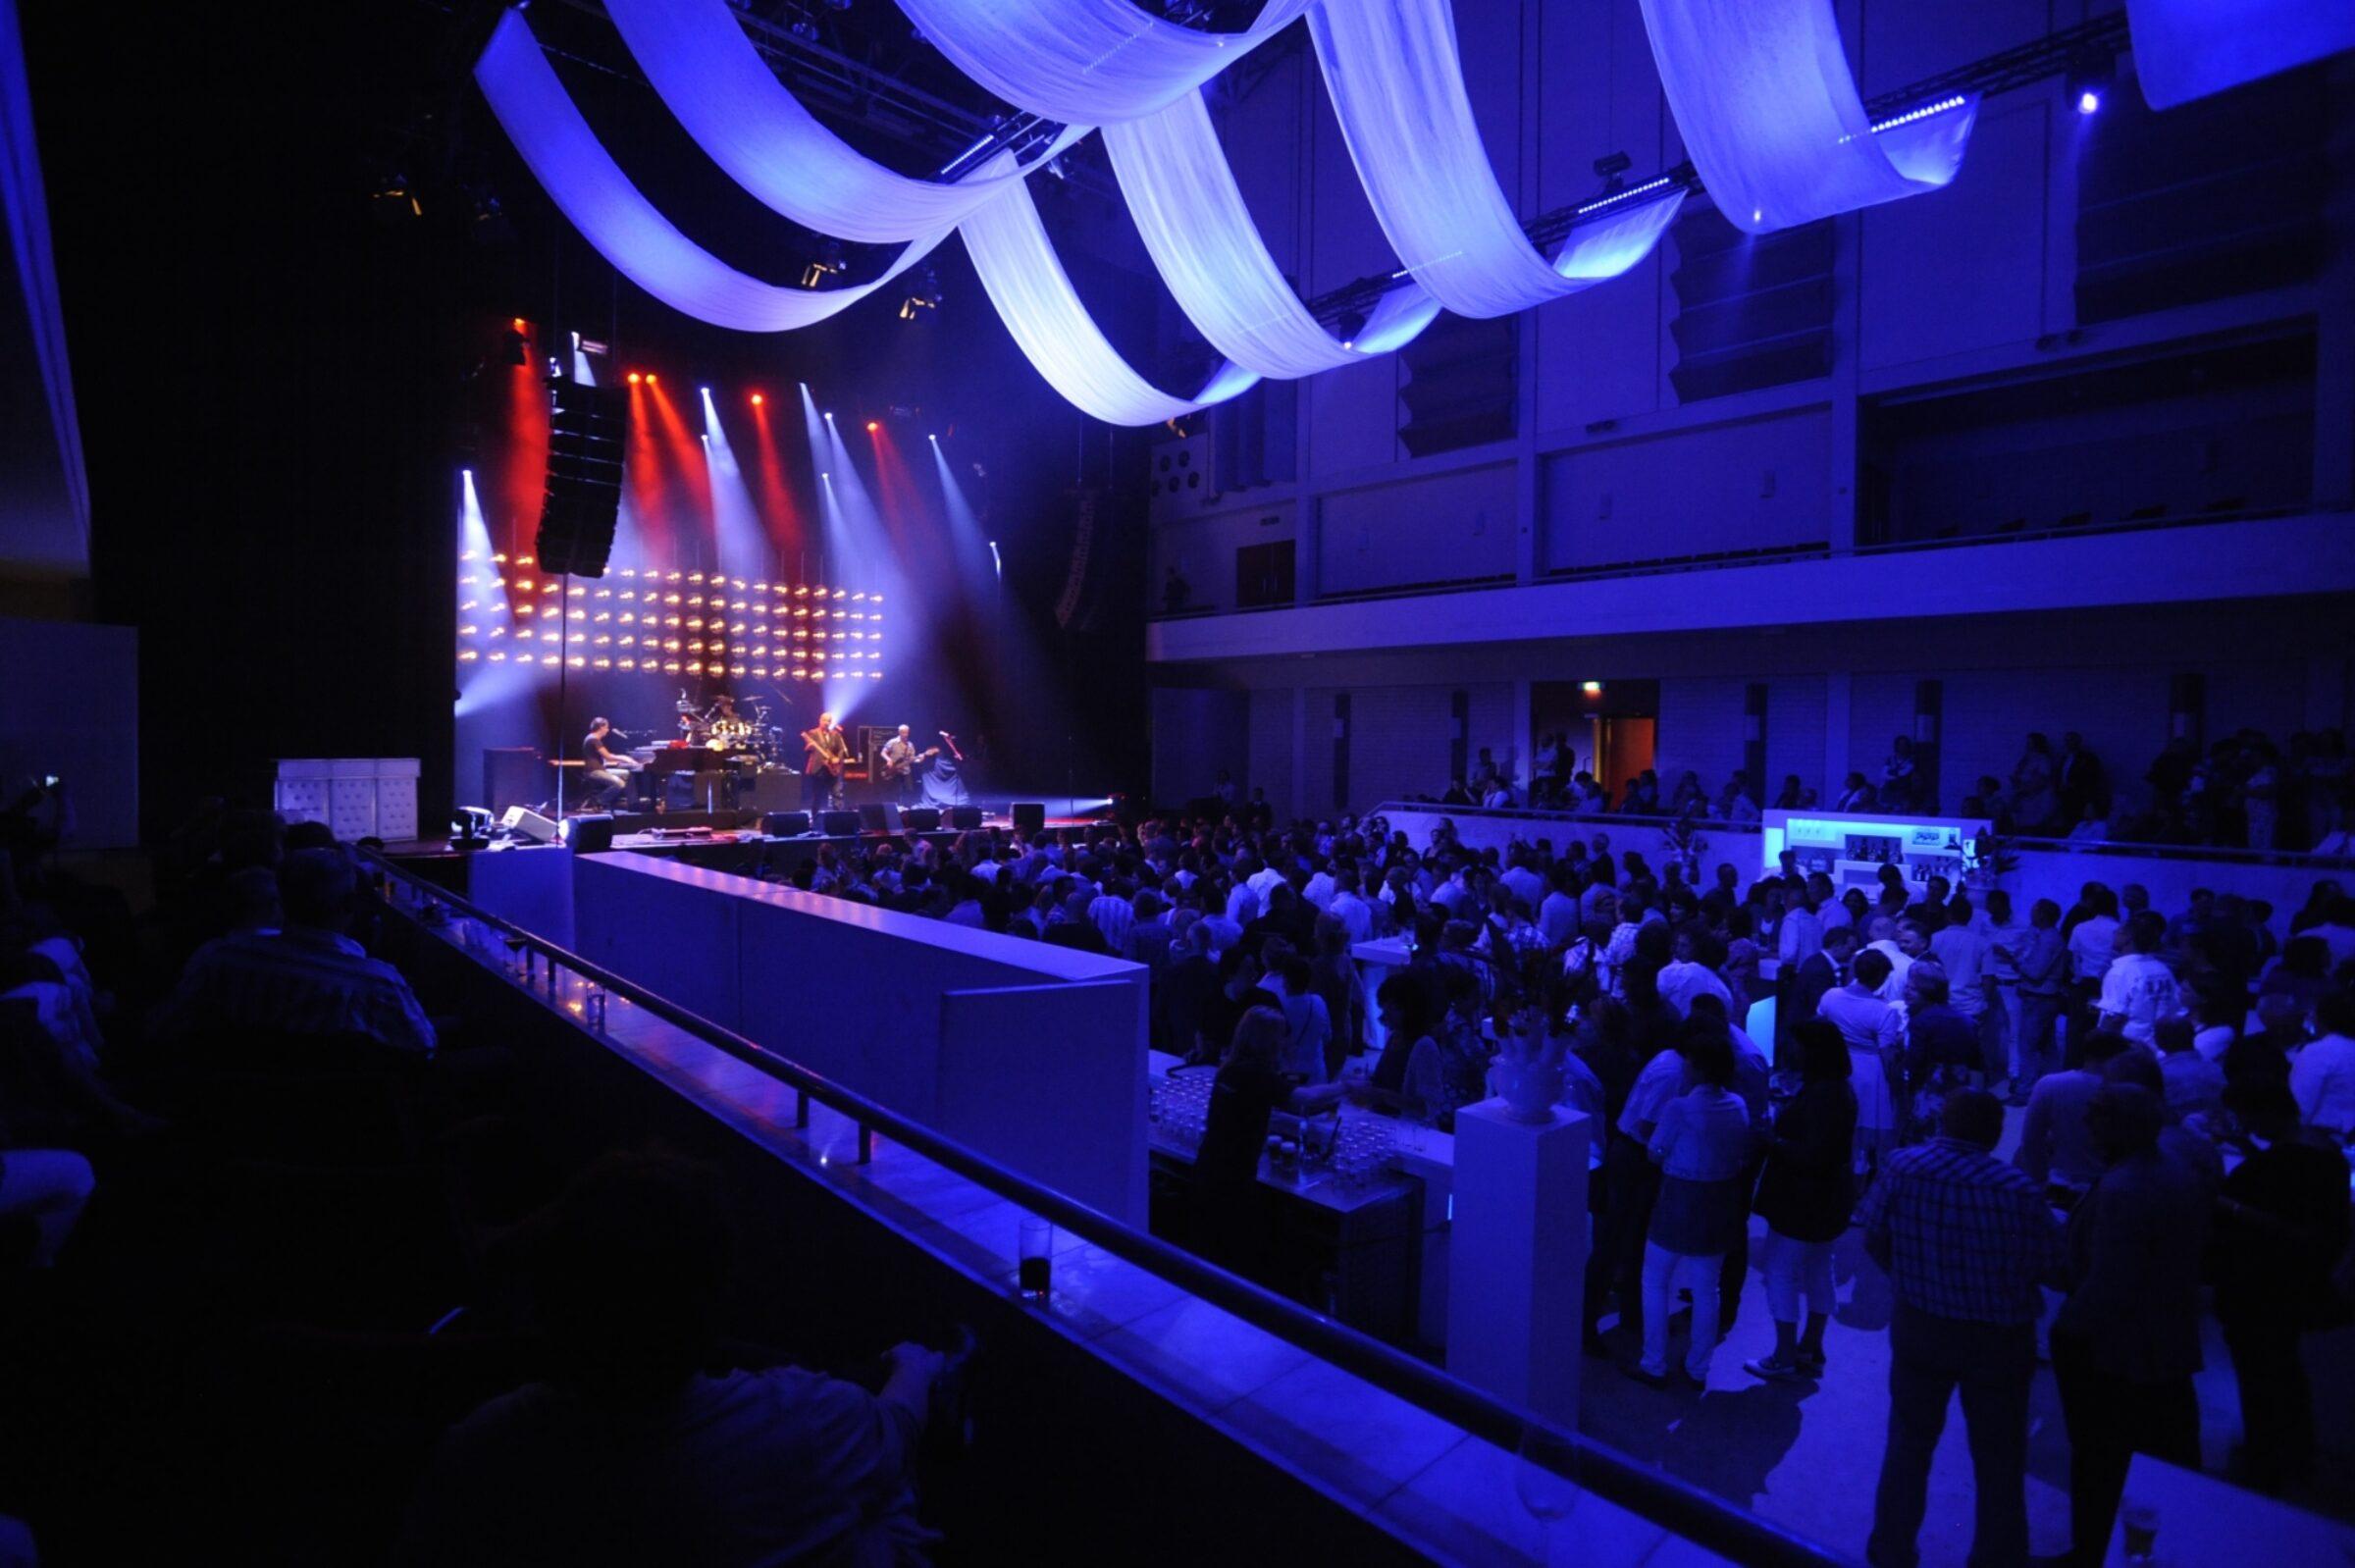 Wilminktheater muziekcentrum Enschede 1